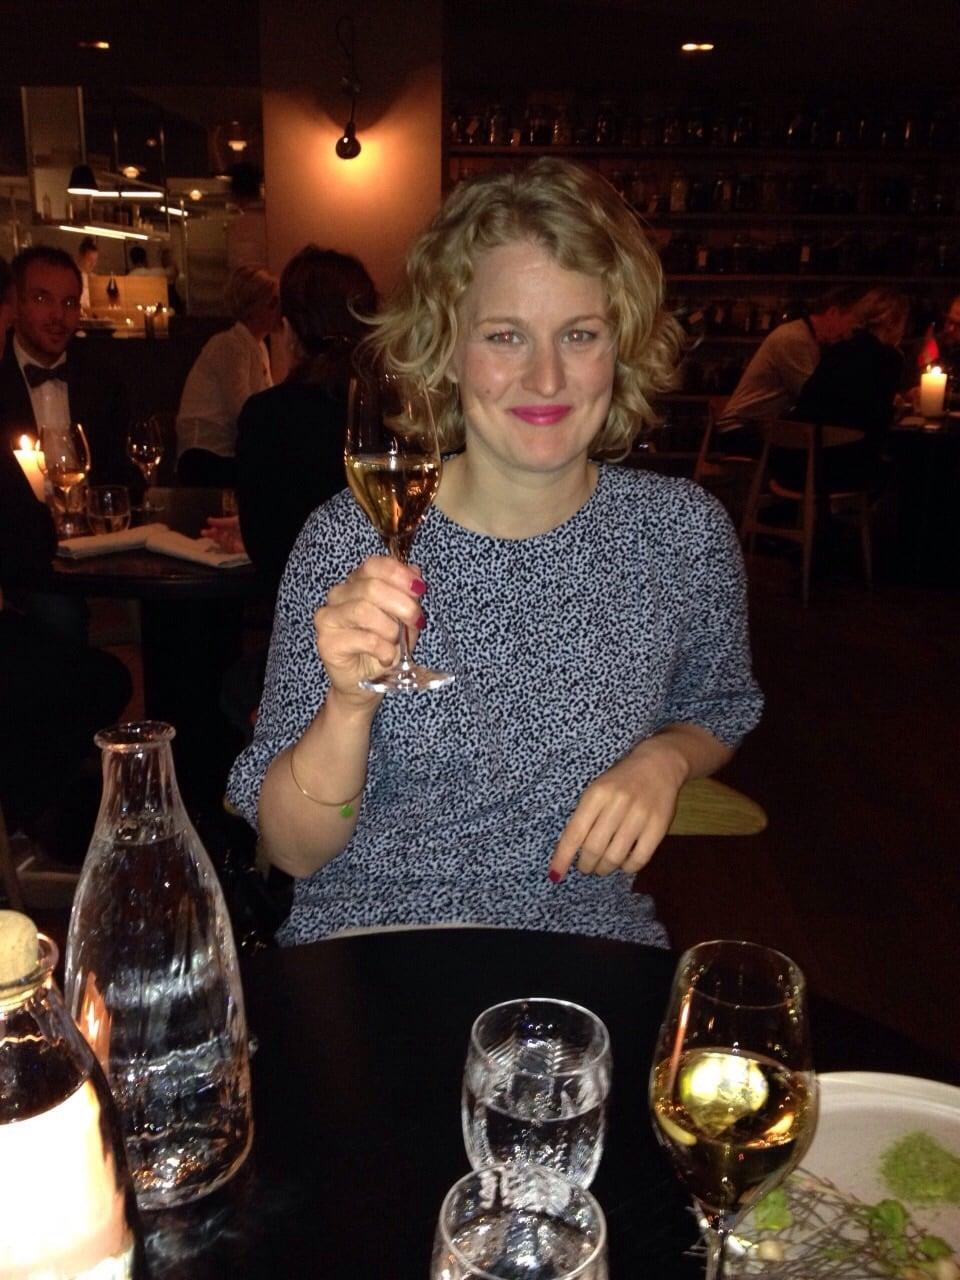 Helene from Copenhagen